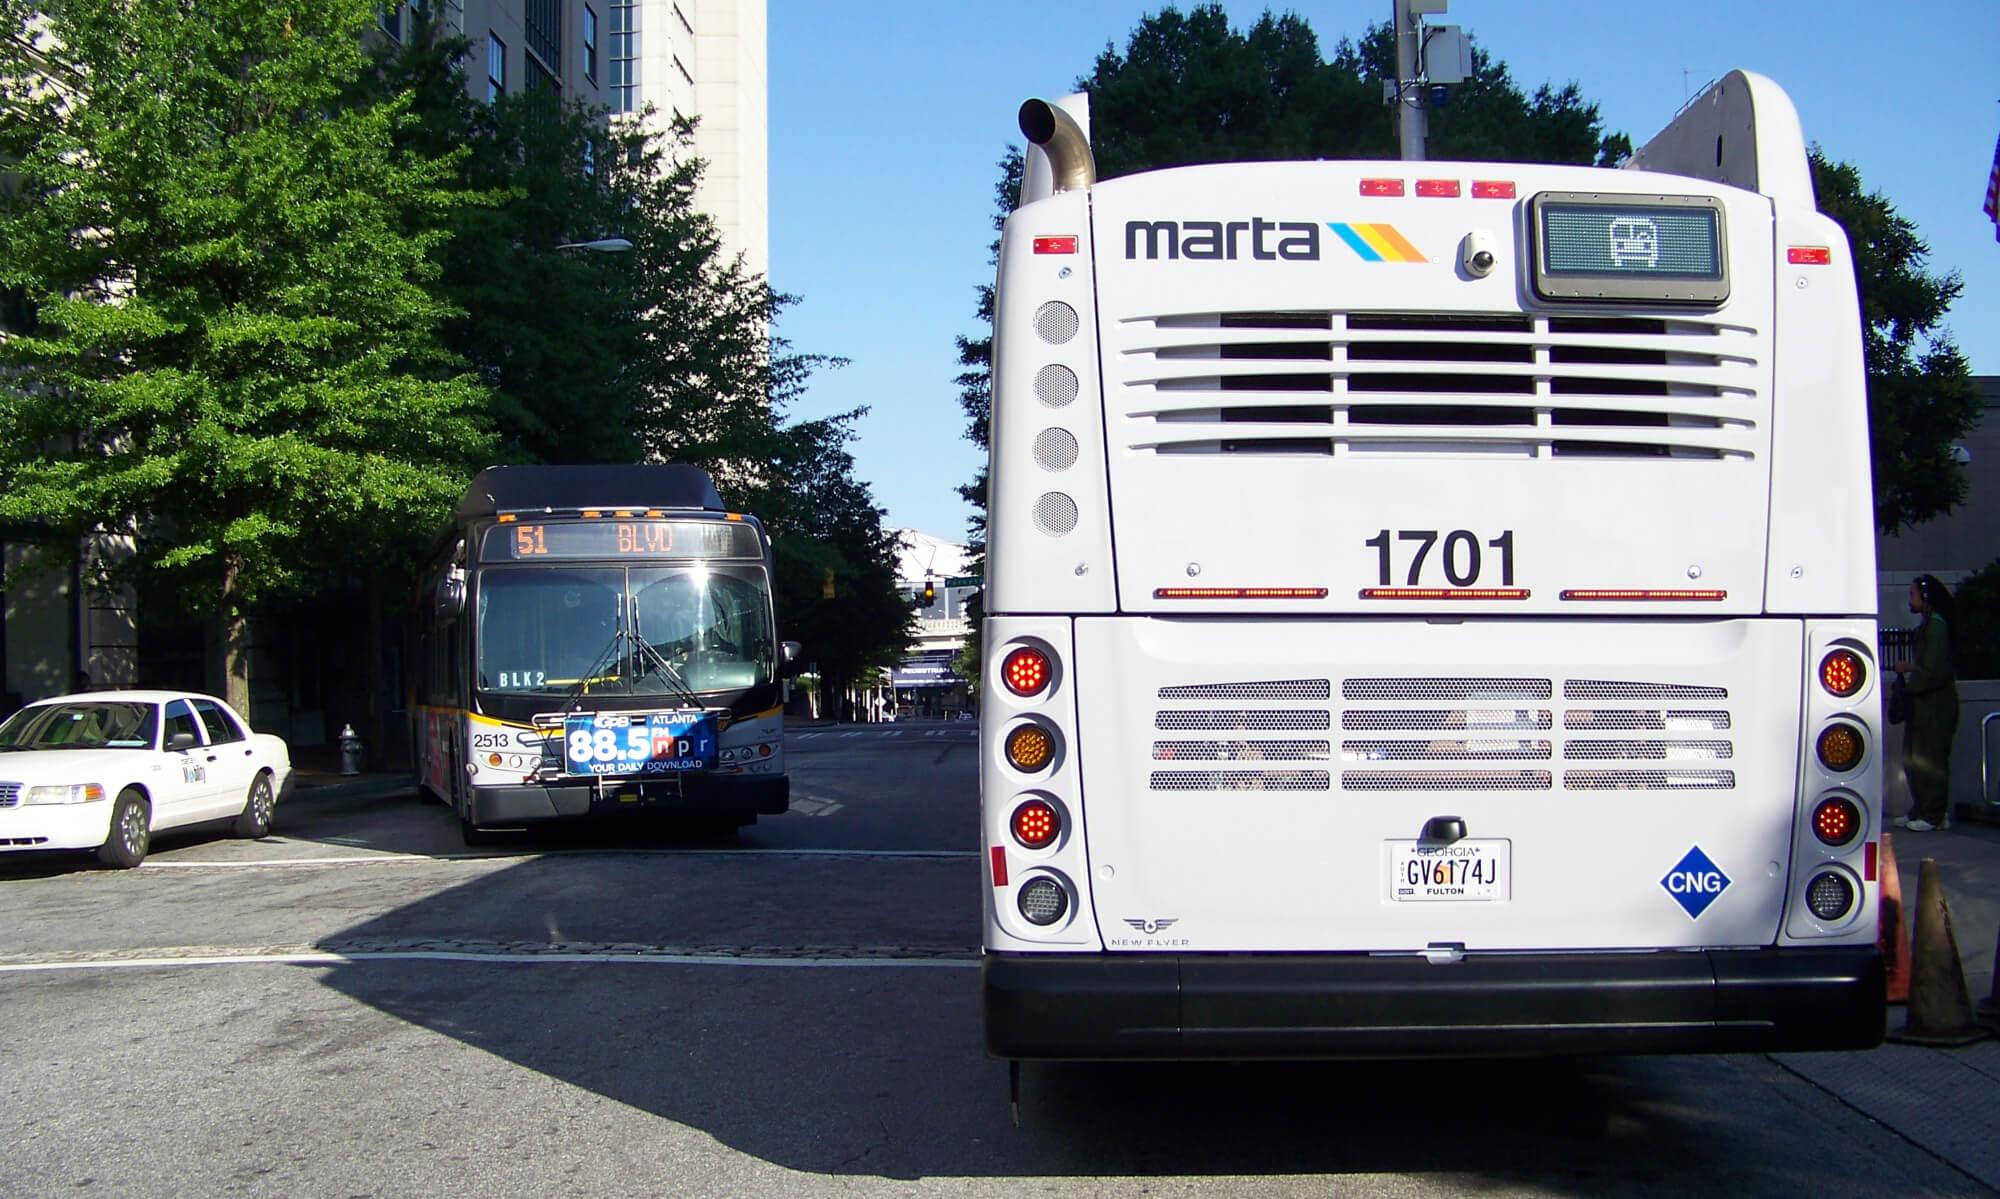 Public transport in Atlanta, Georgia